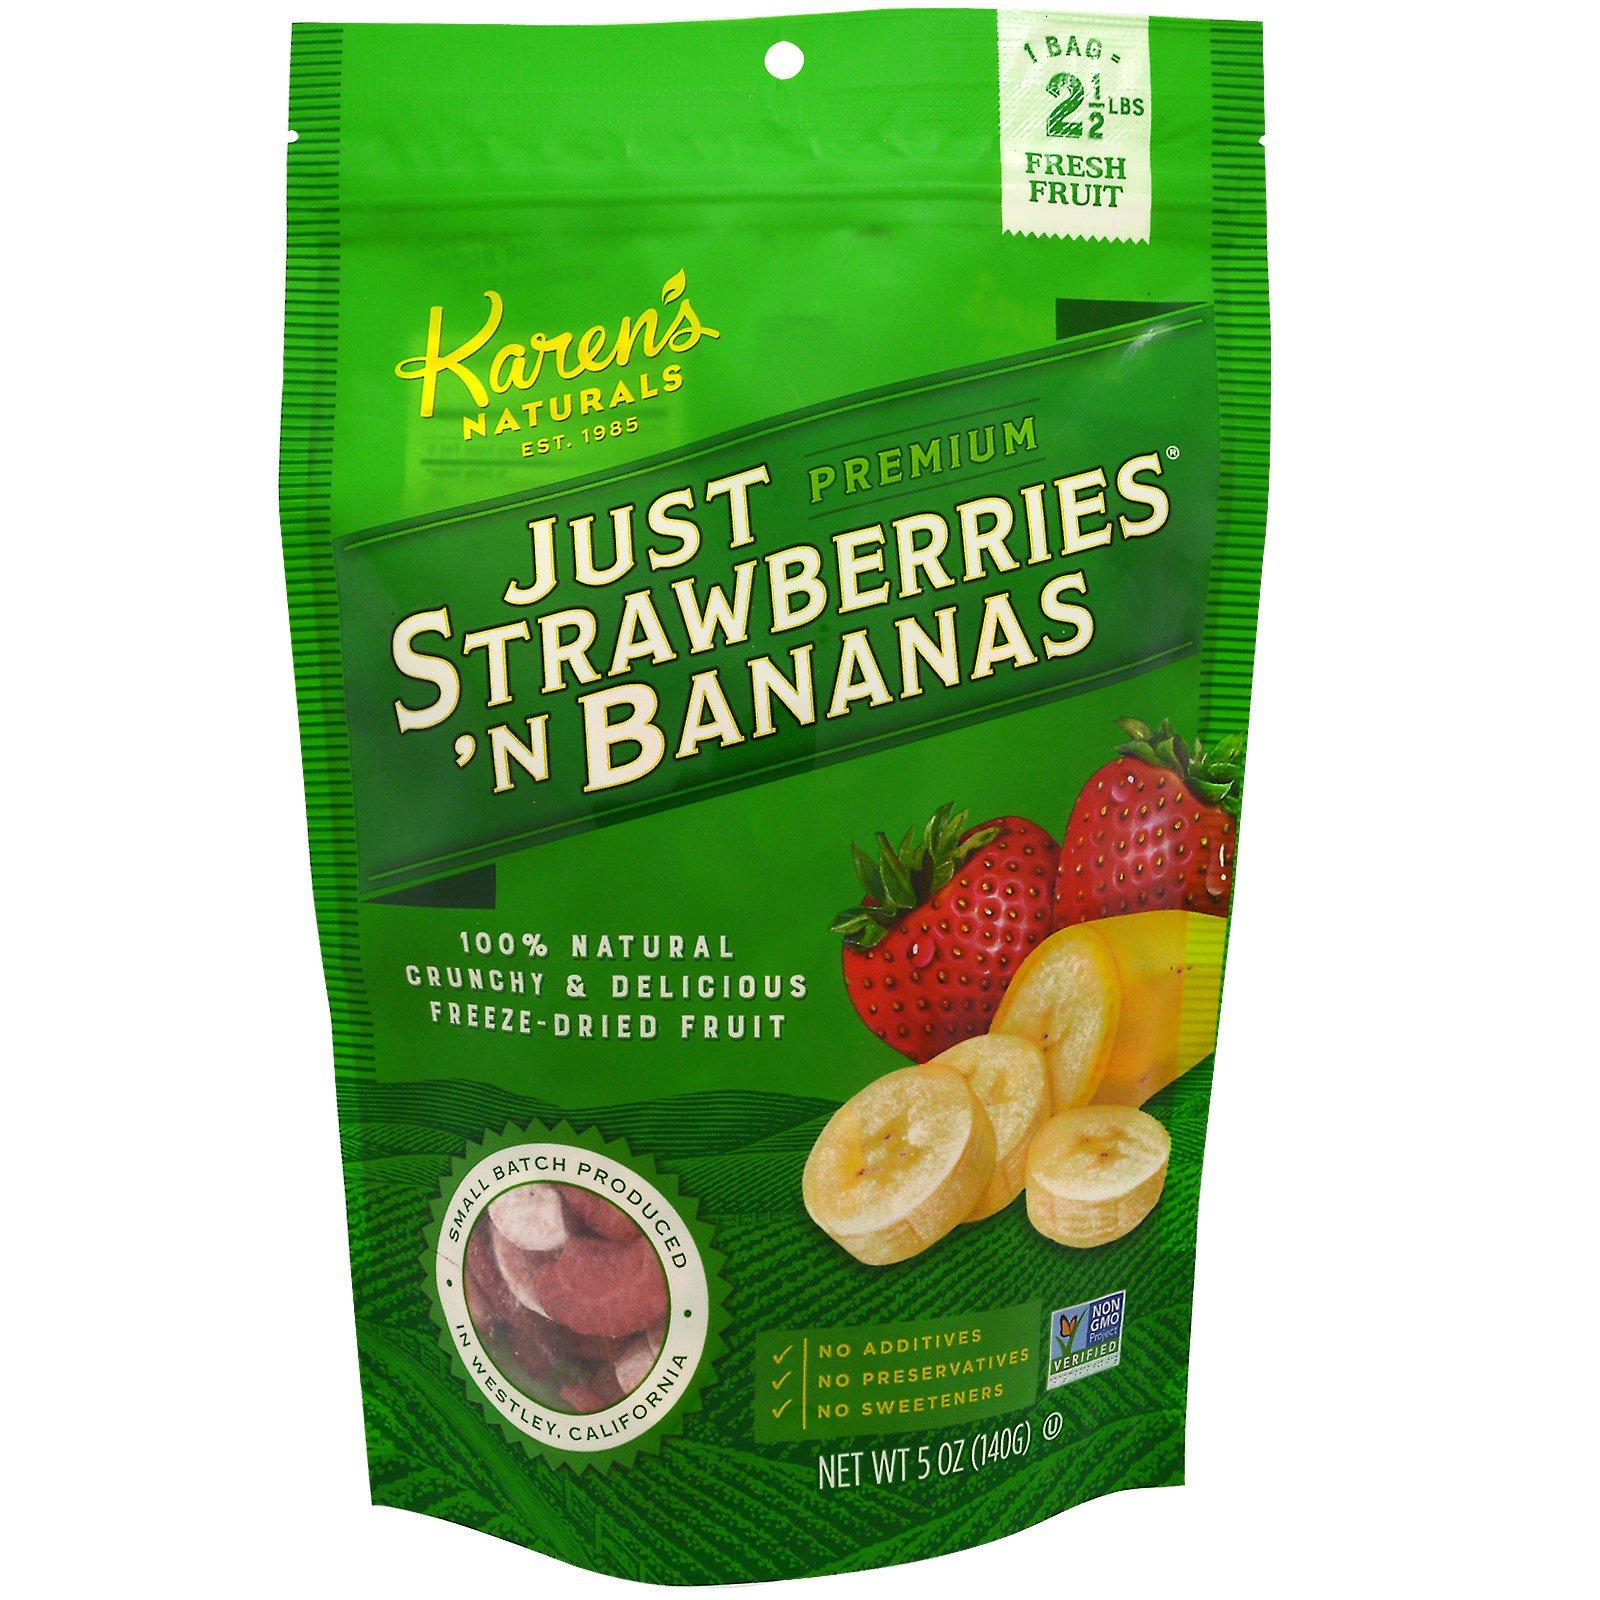 Karen's Naturals, Премиум, лиофилизированные фрукты, Just Strawberries 'N Bananas (натуральный банан и клубника), 140 г (5 oz)